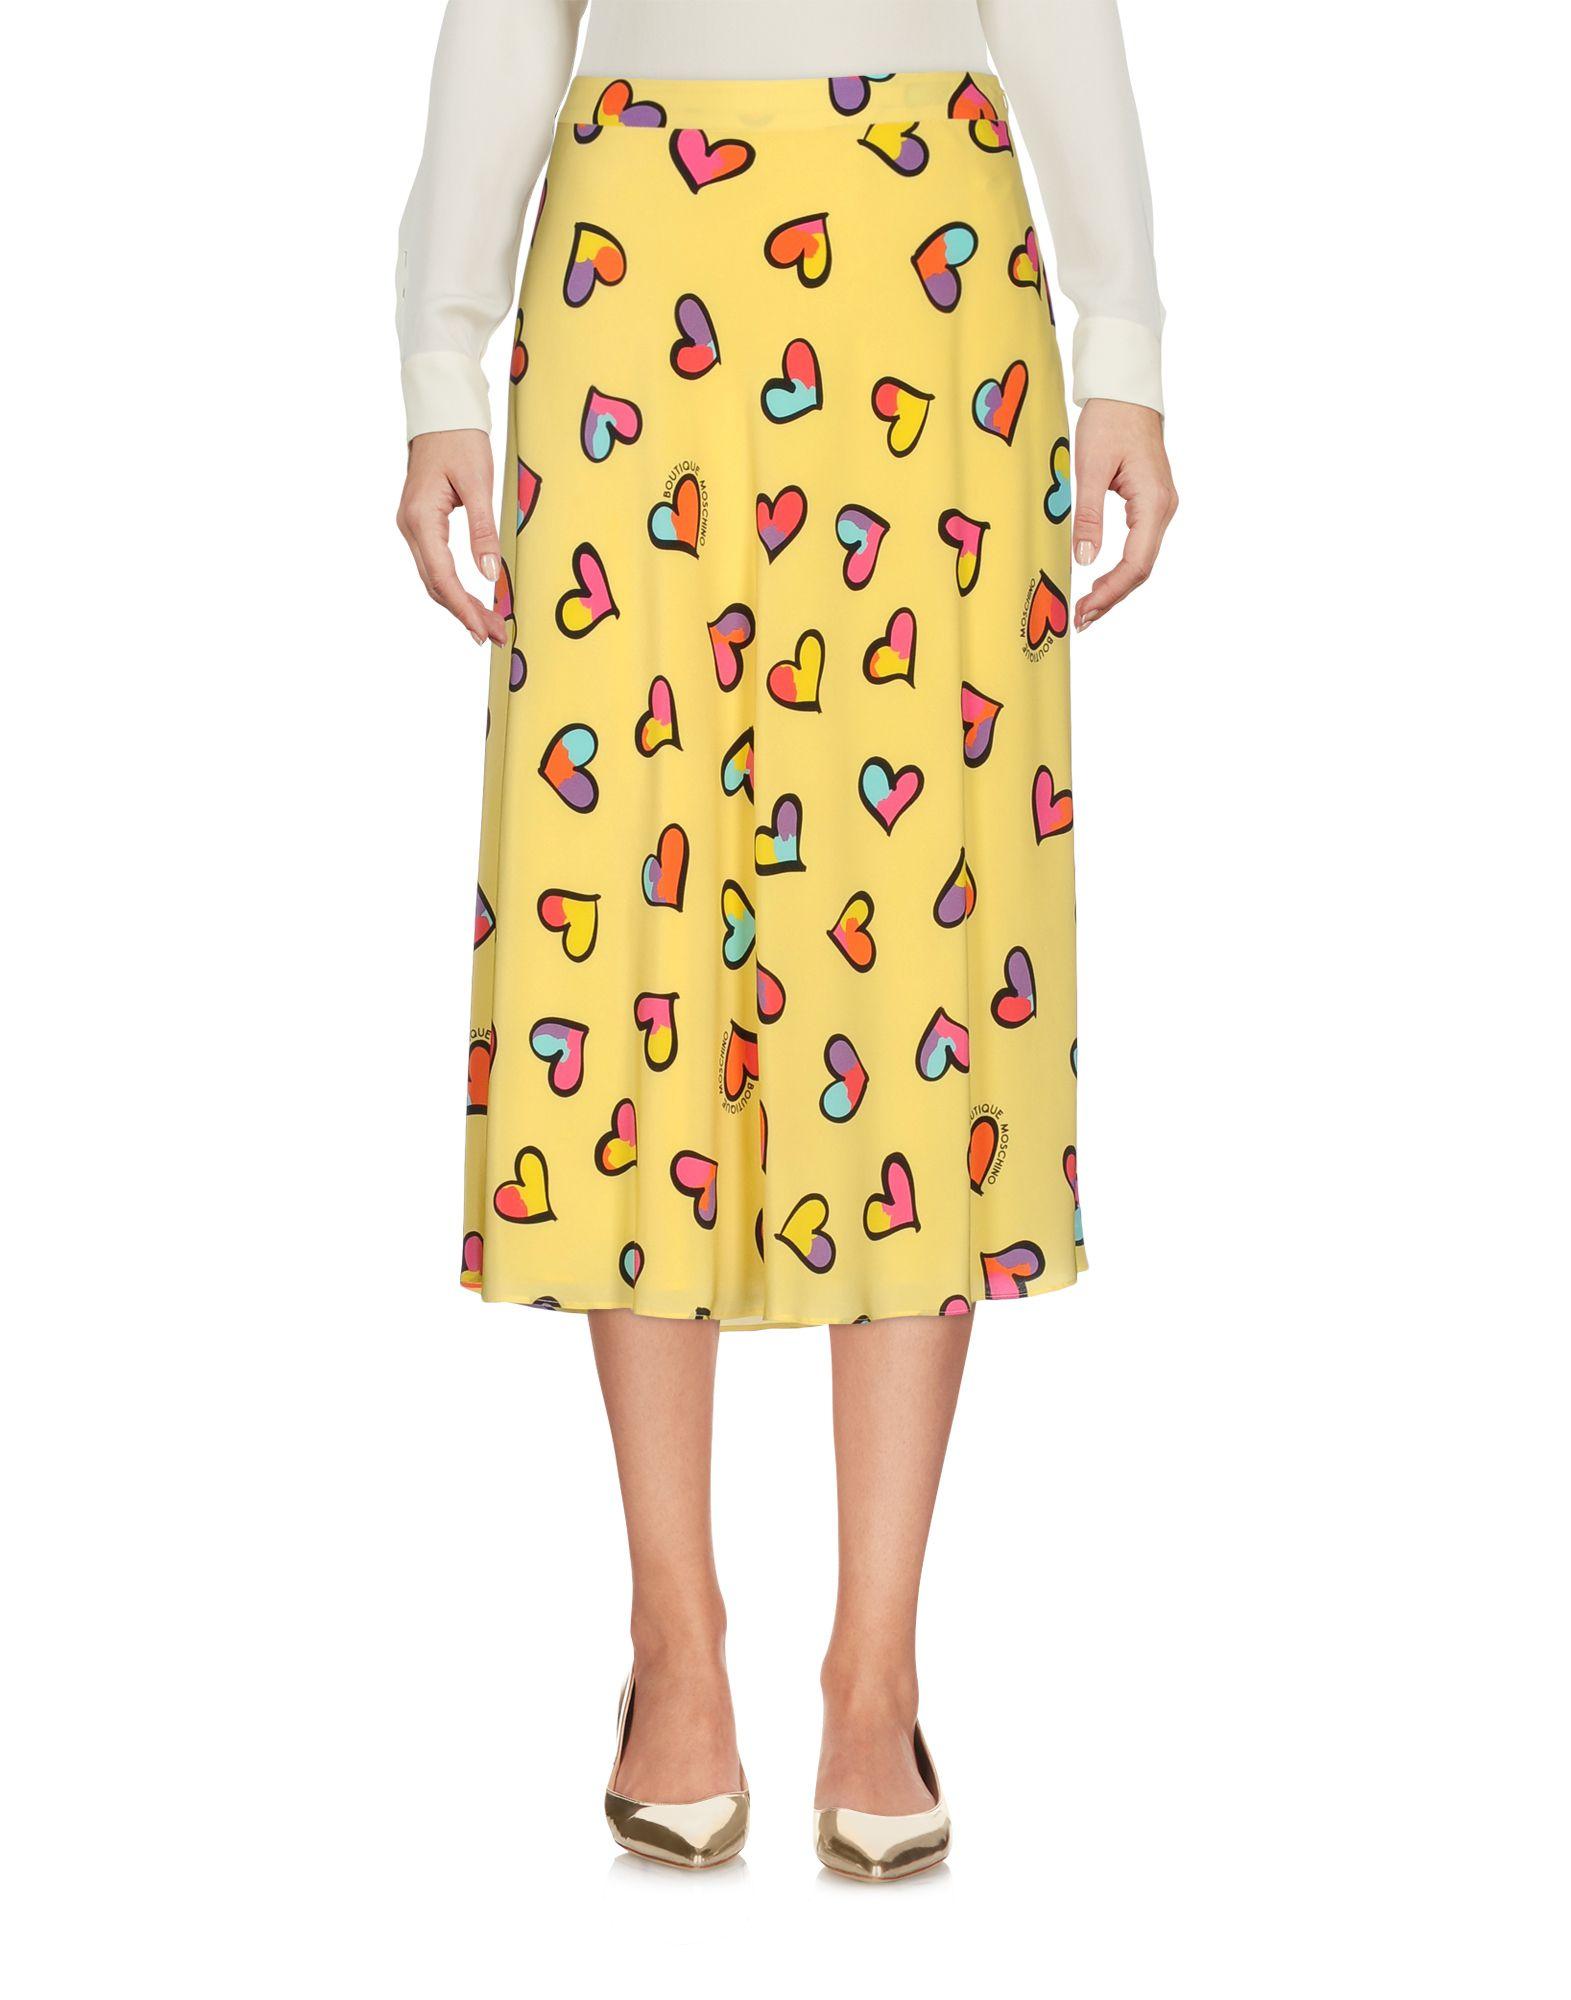 BOUTIQUE MOSCHINO Damen Midirock Farbe Gelb Größe 4 jetztbilligerkaufen